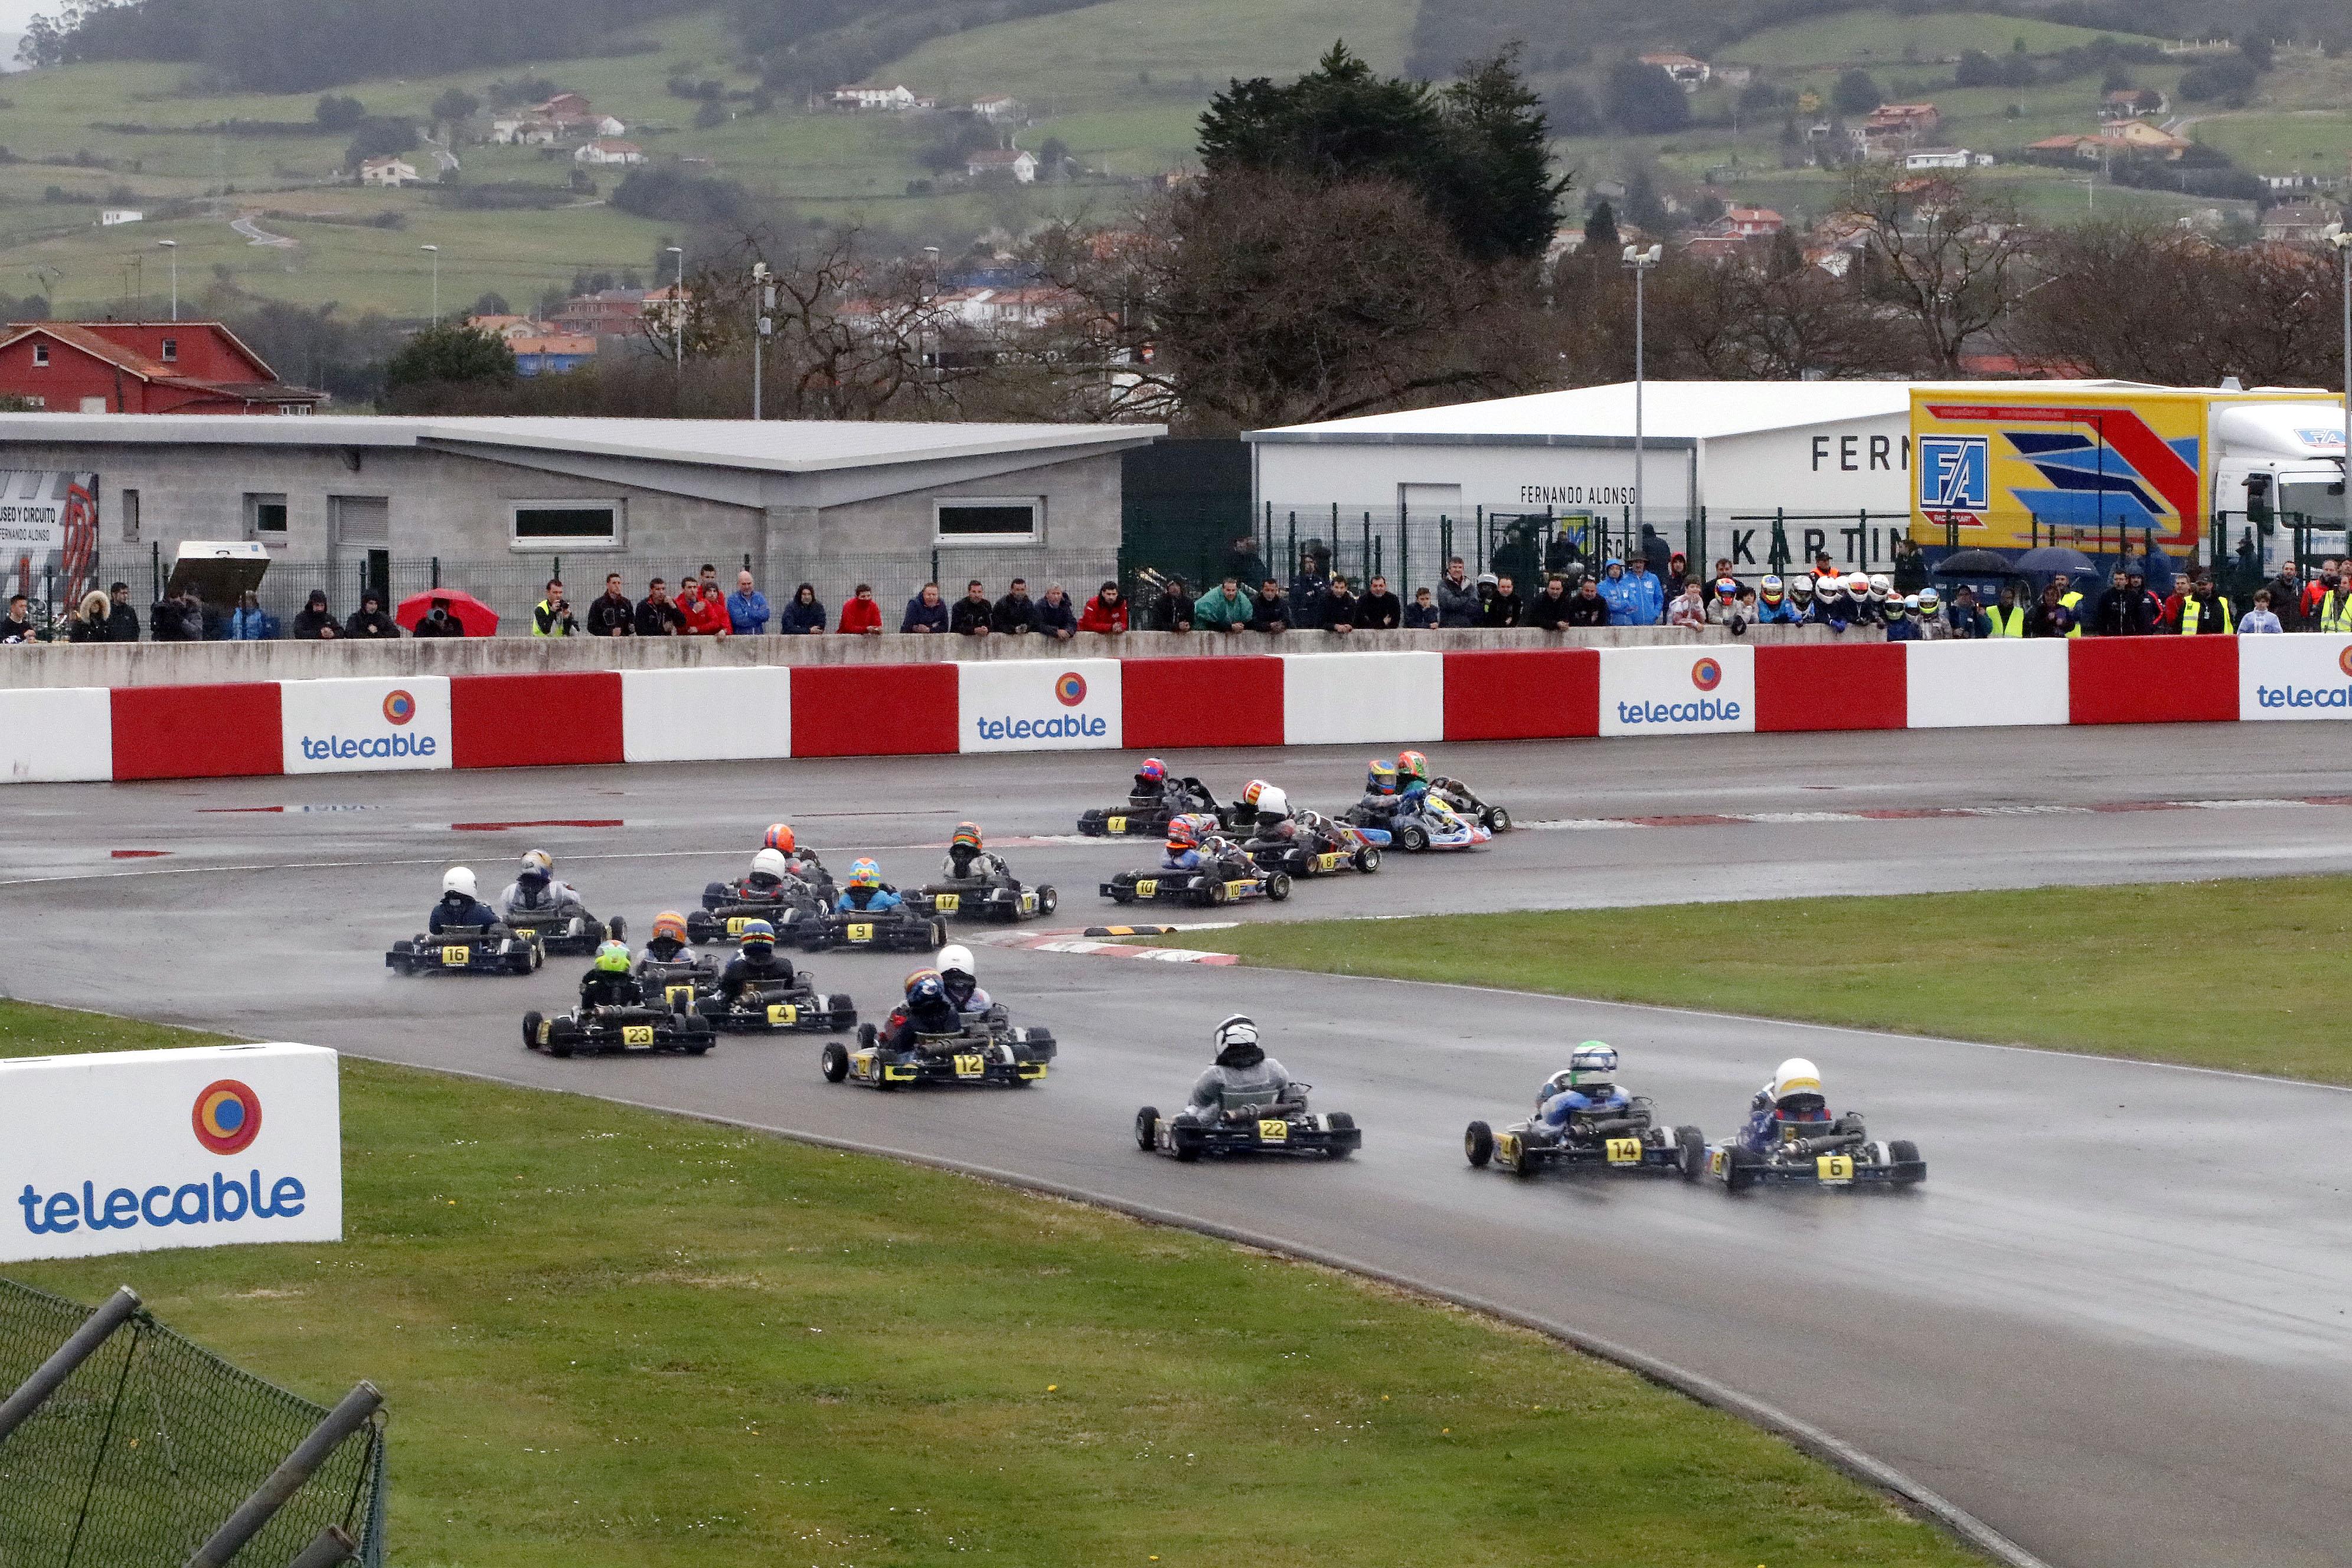 Circuito Fernando Alonso Posada : Museo y circuito fernando alonso race track llanera asturias